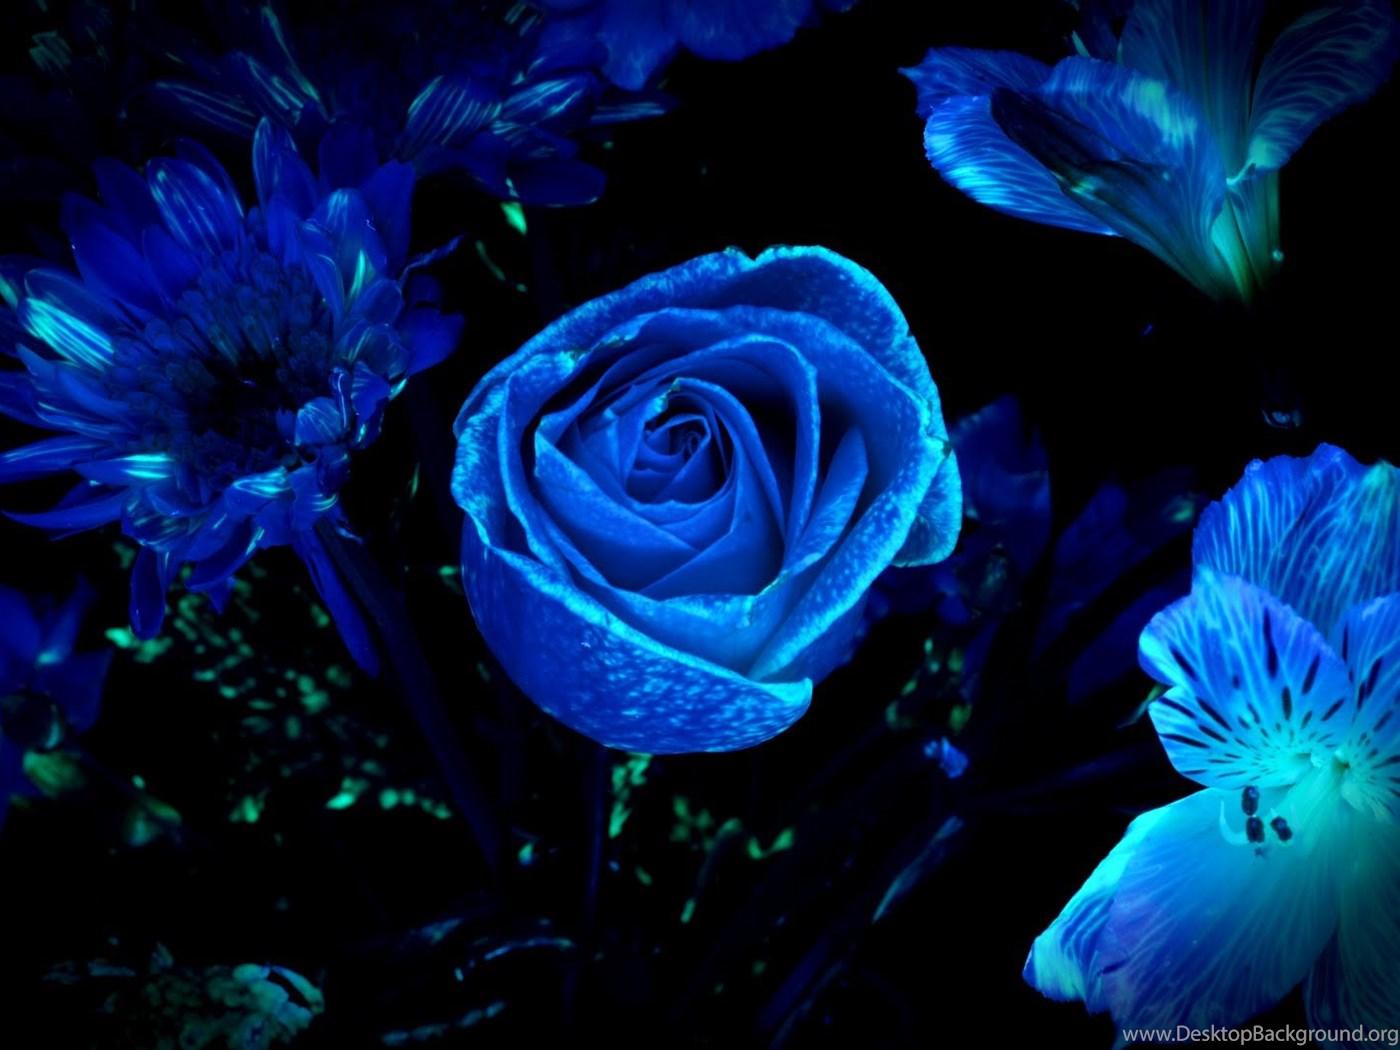 Blue Floral Wallpapers Hd Backgrounds Desktop Background